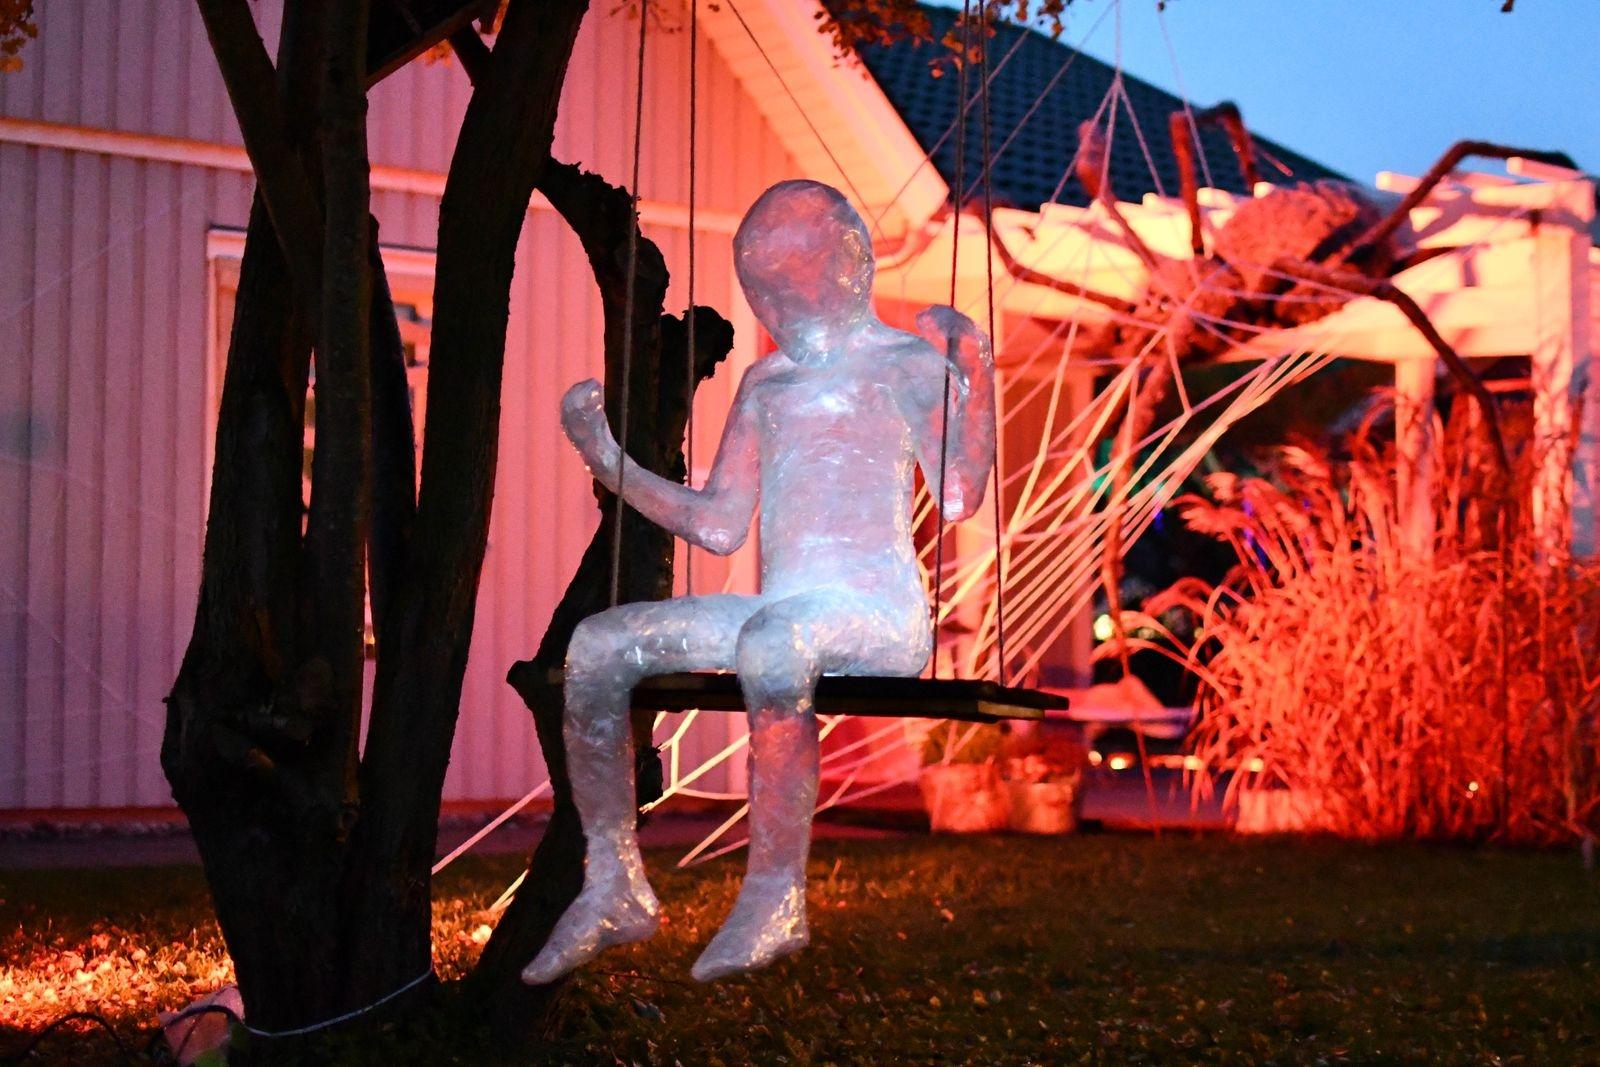 En jättelik spindel med två meter långa ben är en av de nya dekorationerna för året, liksom det gungande spökbarnet som Malte suttit modell för.